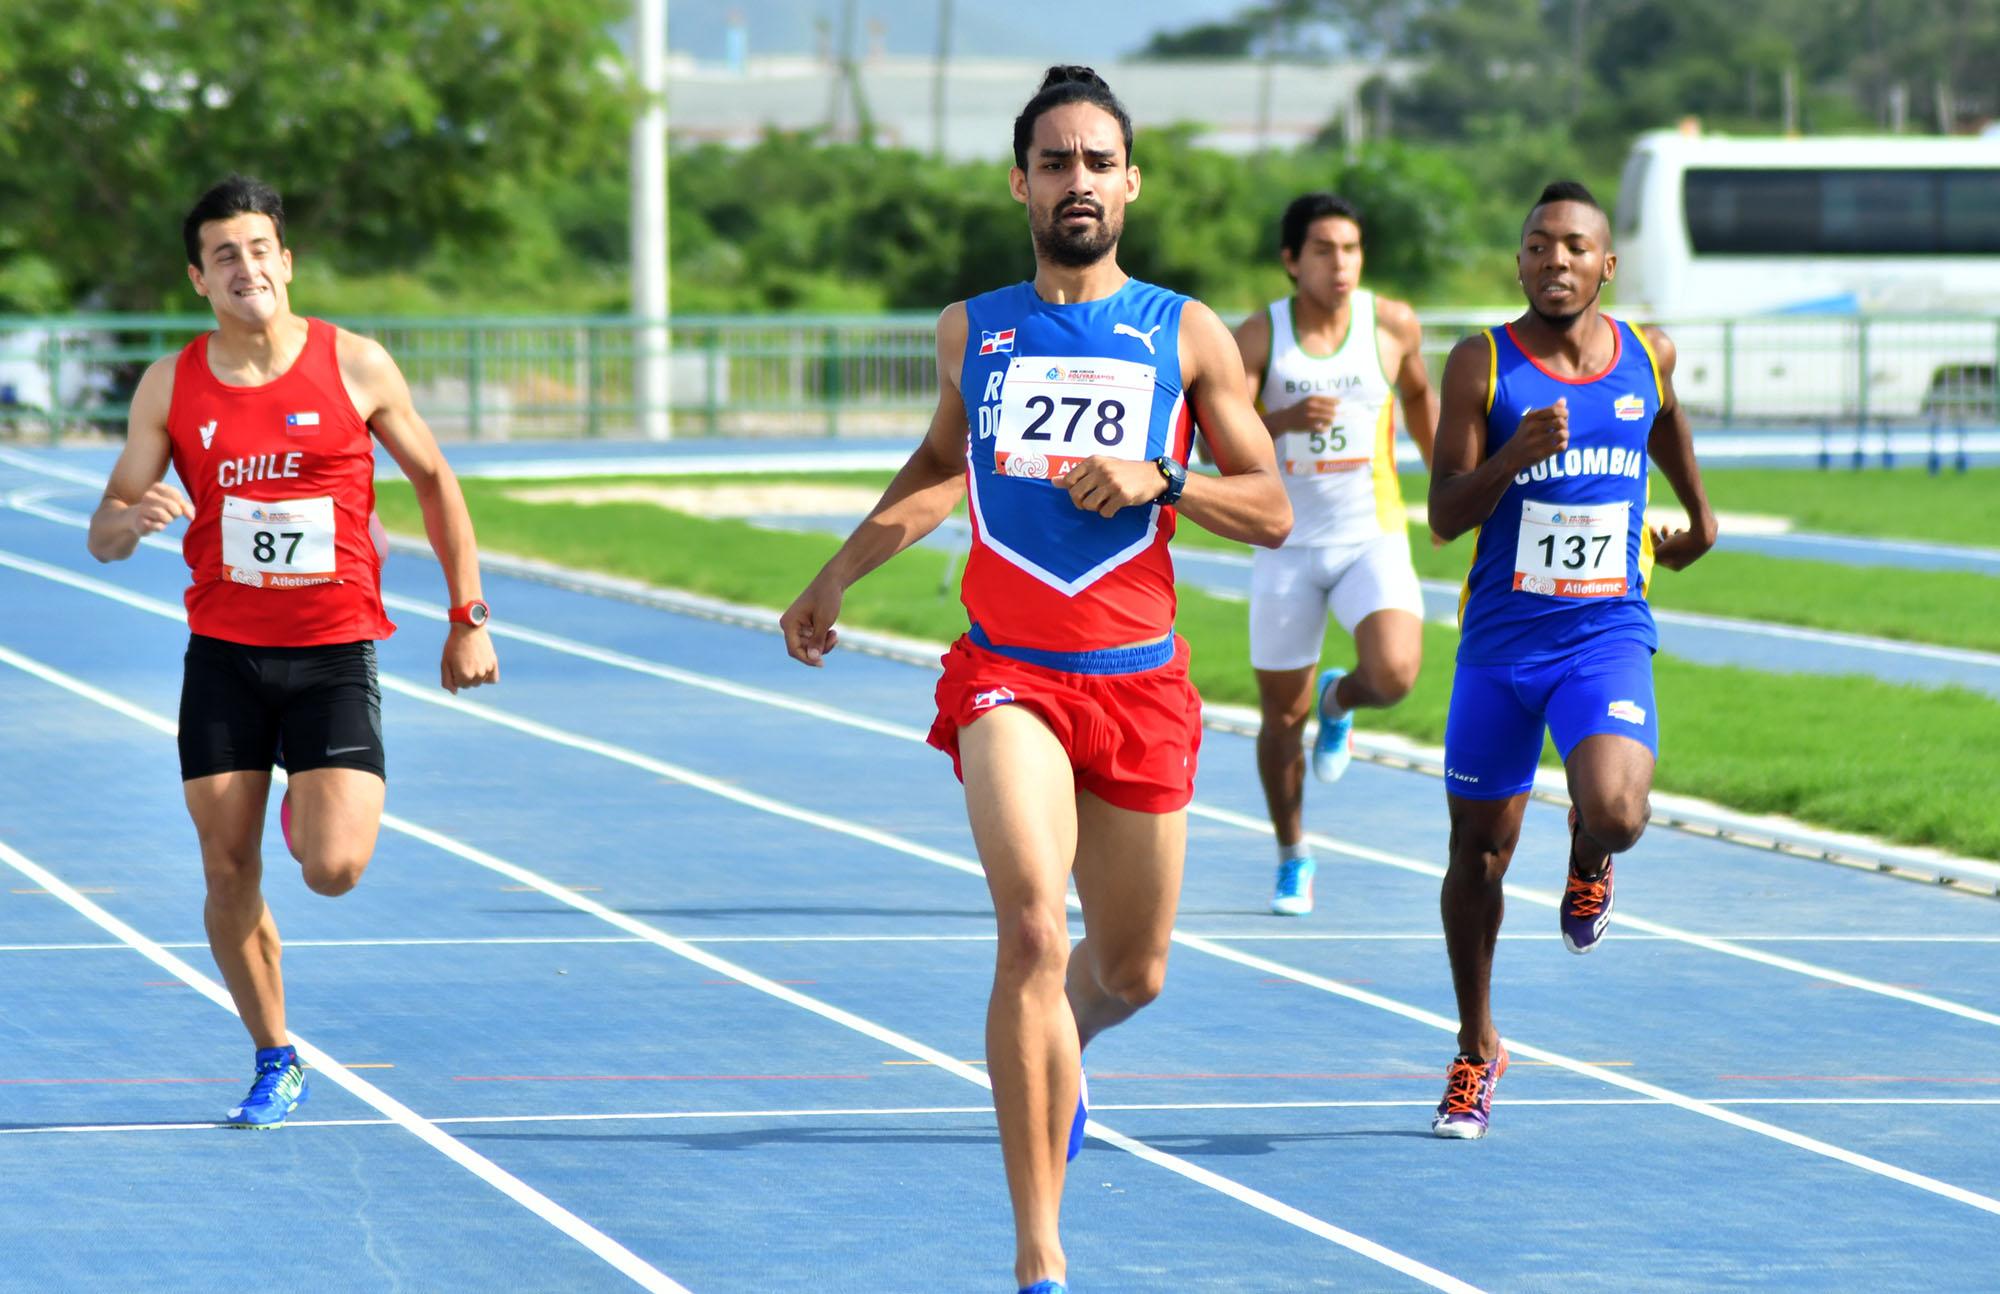 Luguelin y Mariely clasifican a la final atletismo Bolivarianos